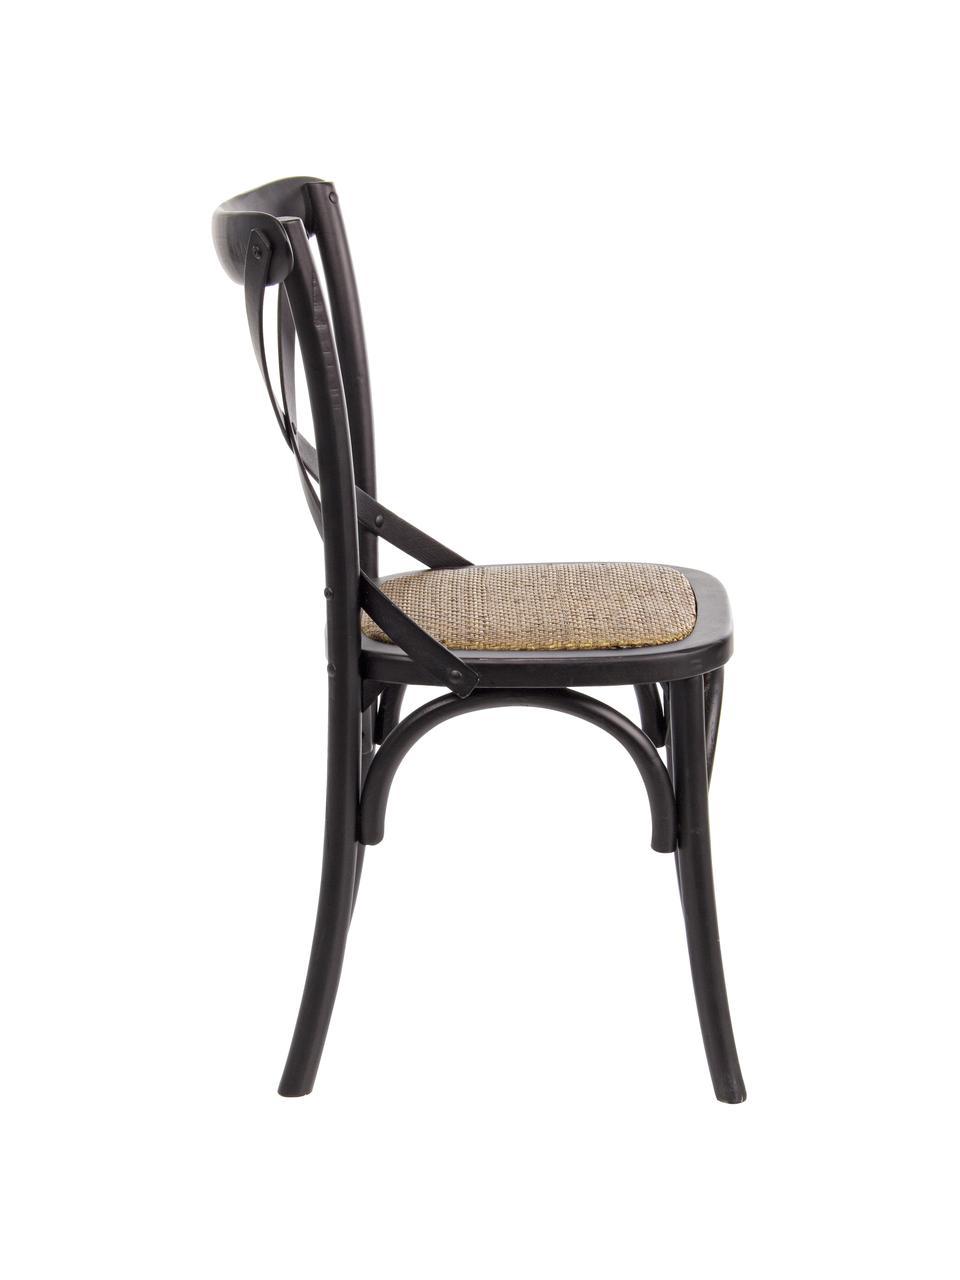 Krzesło Cross, Stelaż: drewno wiązowe, lakierowa, Stelaż: czarny Siedzisko: rattan, 42 x 46 cm